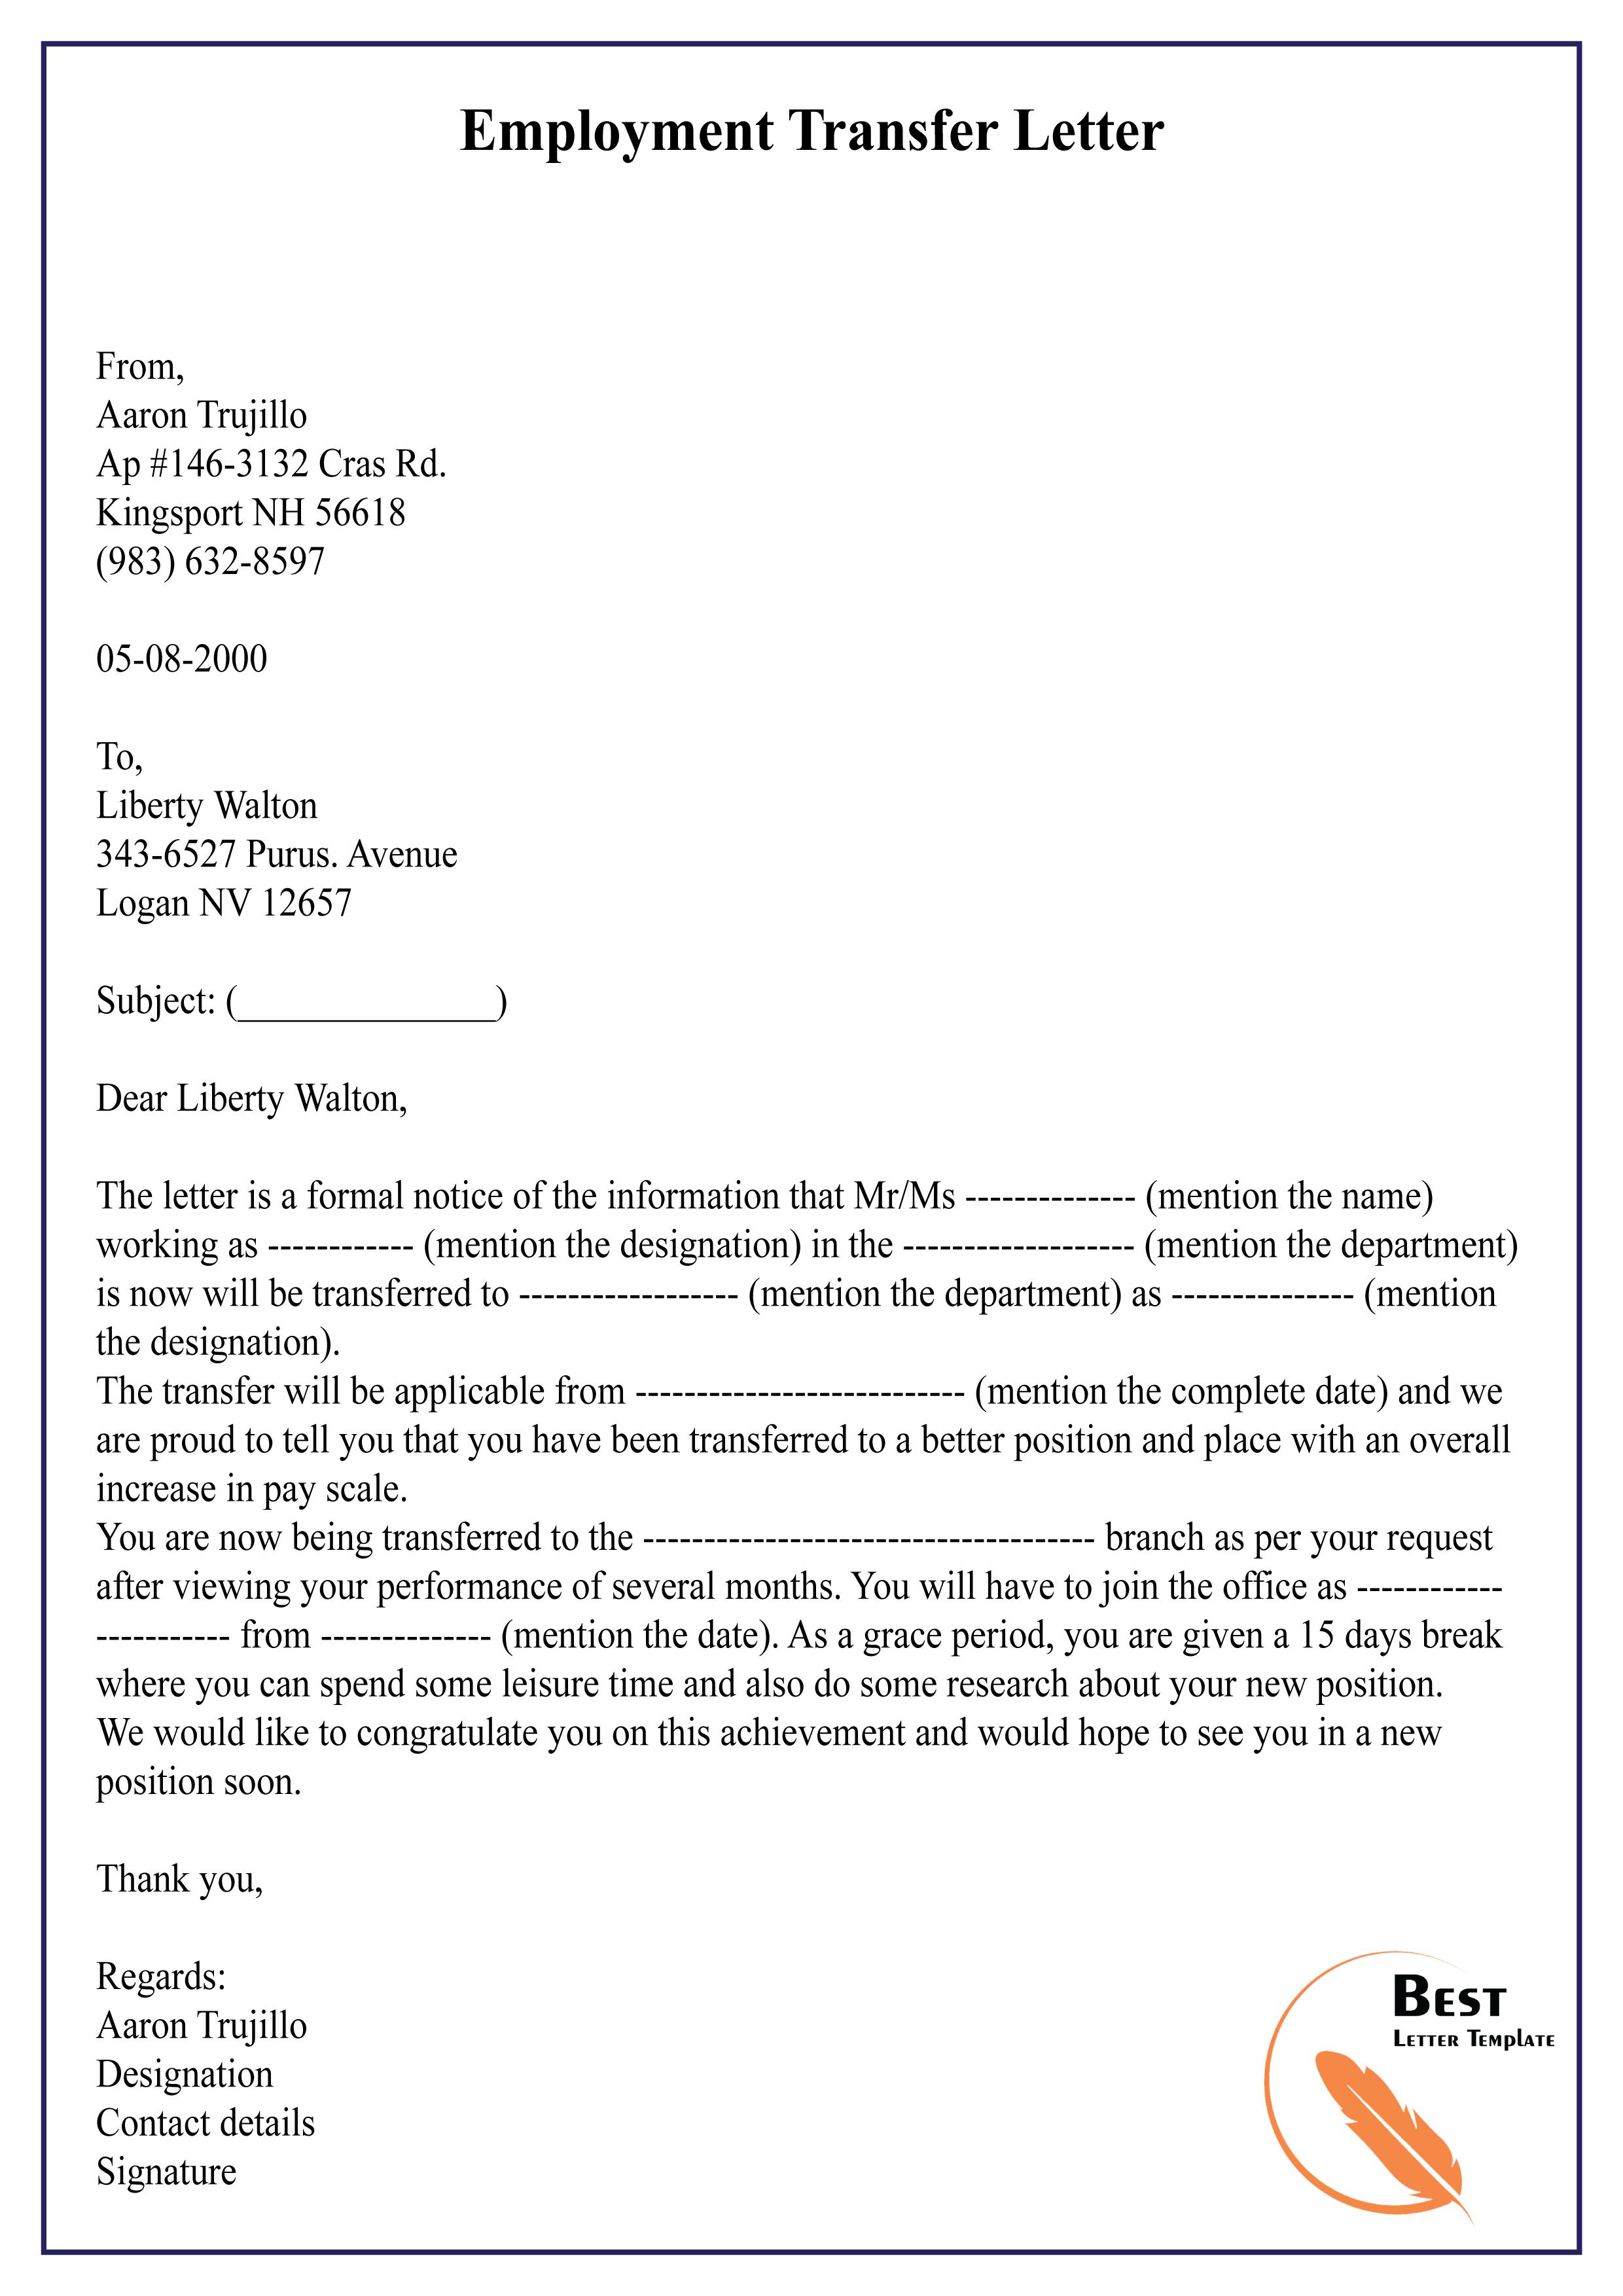 Job Transfer Letter Template from bestlettertemplate.com